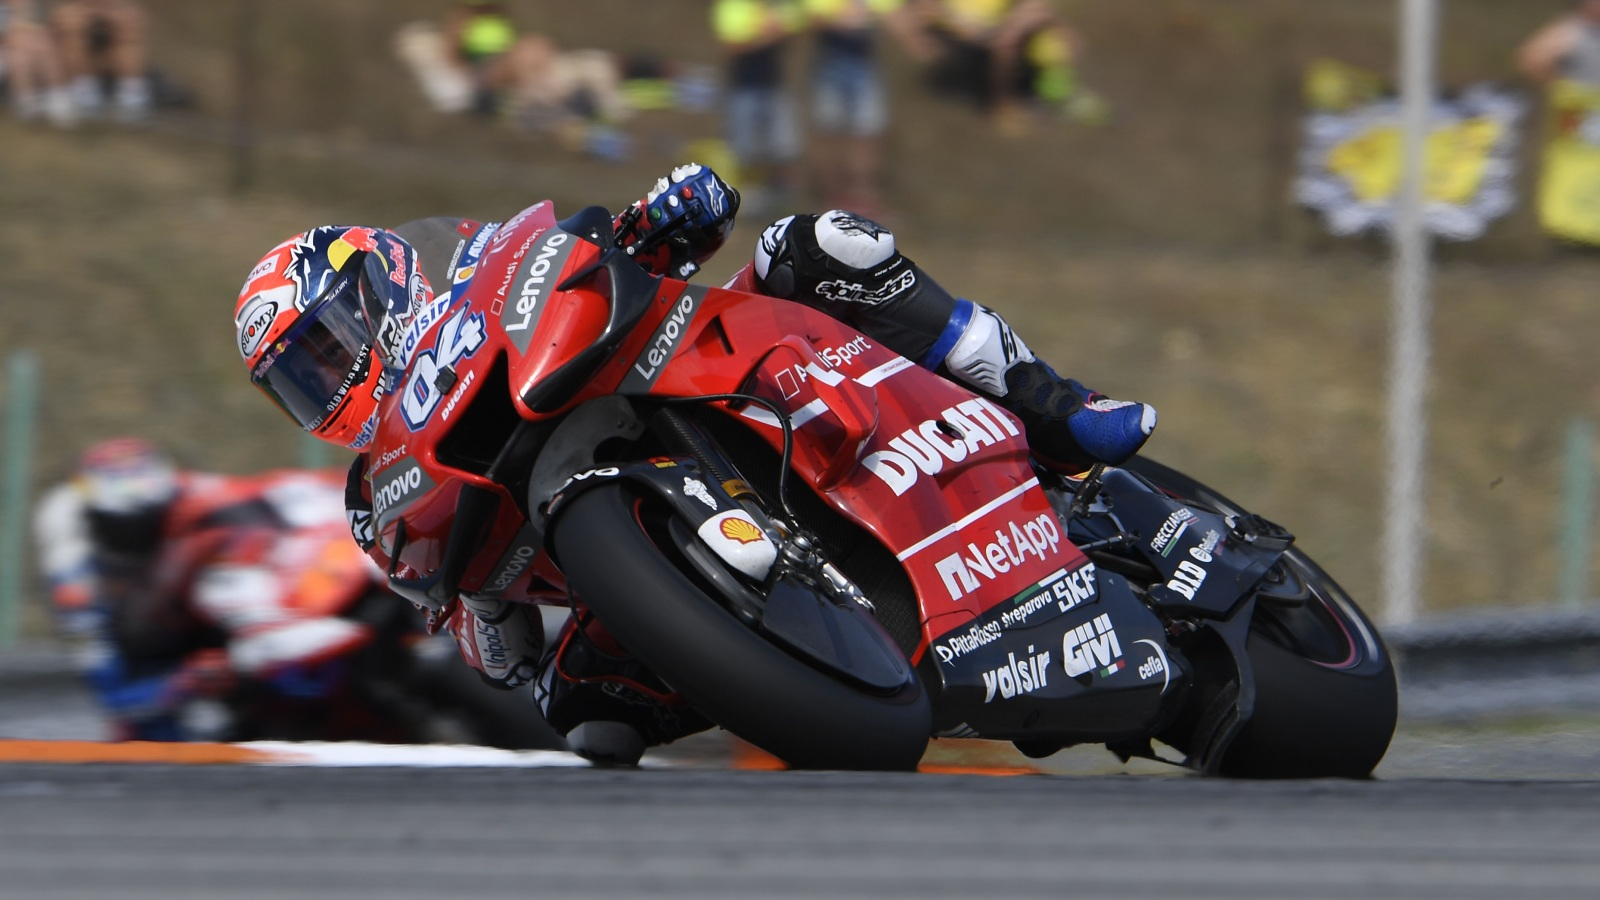 MotoGP Brno 2020: Horarios GP República Checa y dónde ver en TV MotoGP, Moto2 y Moto3